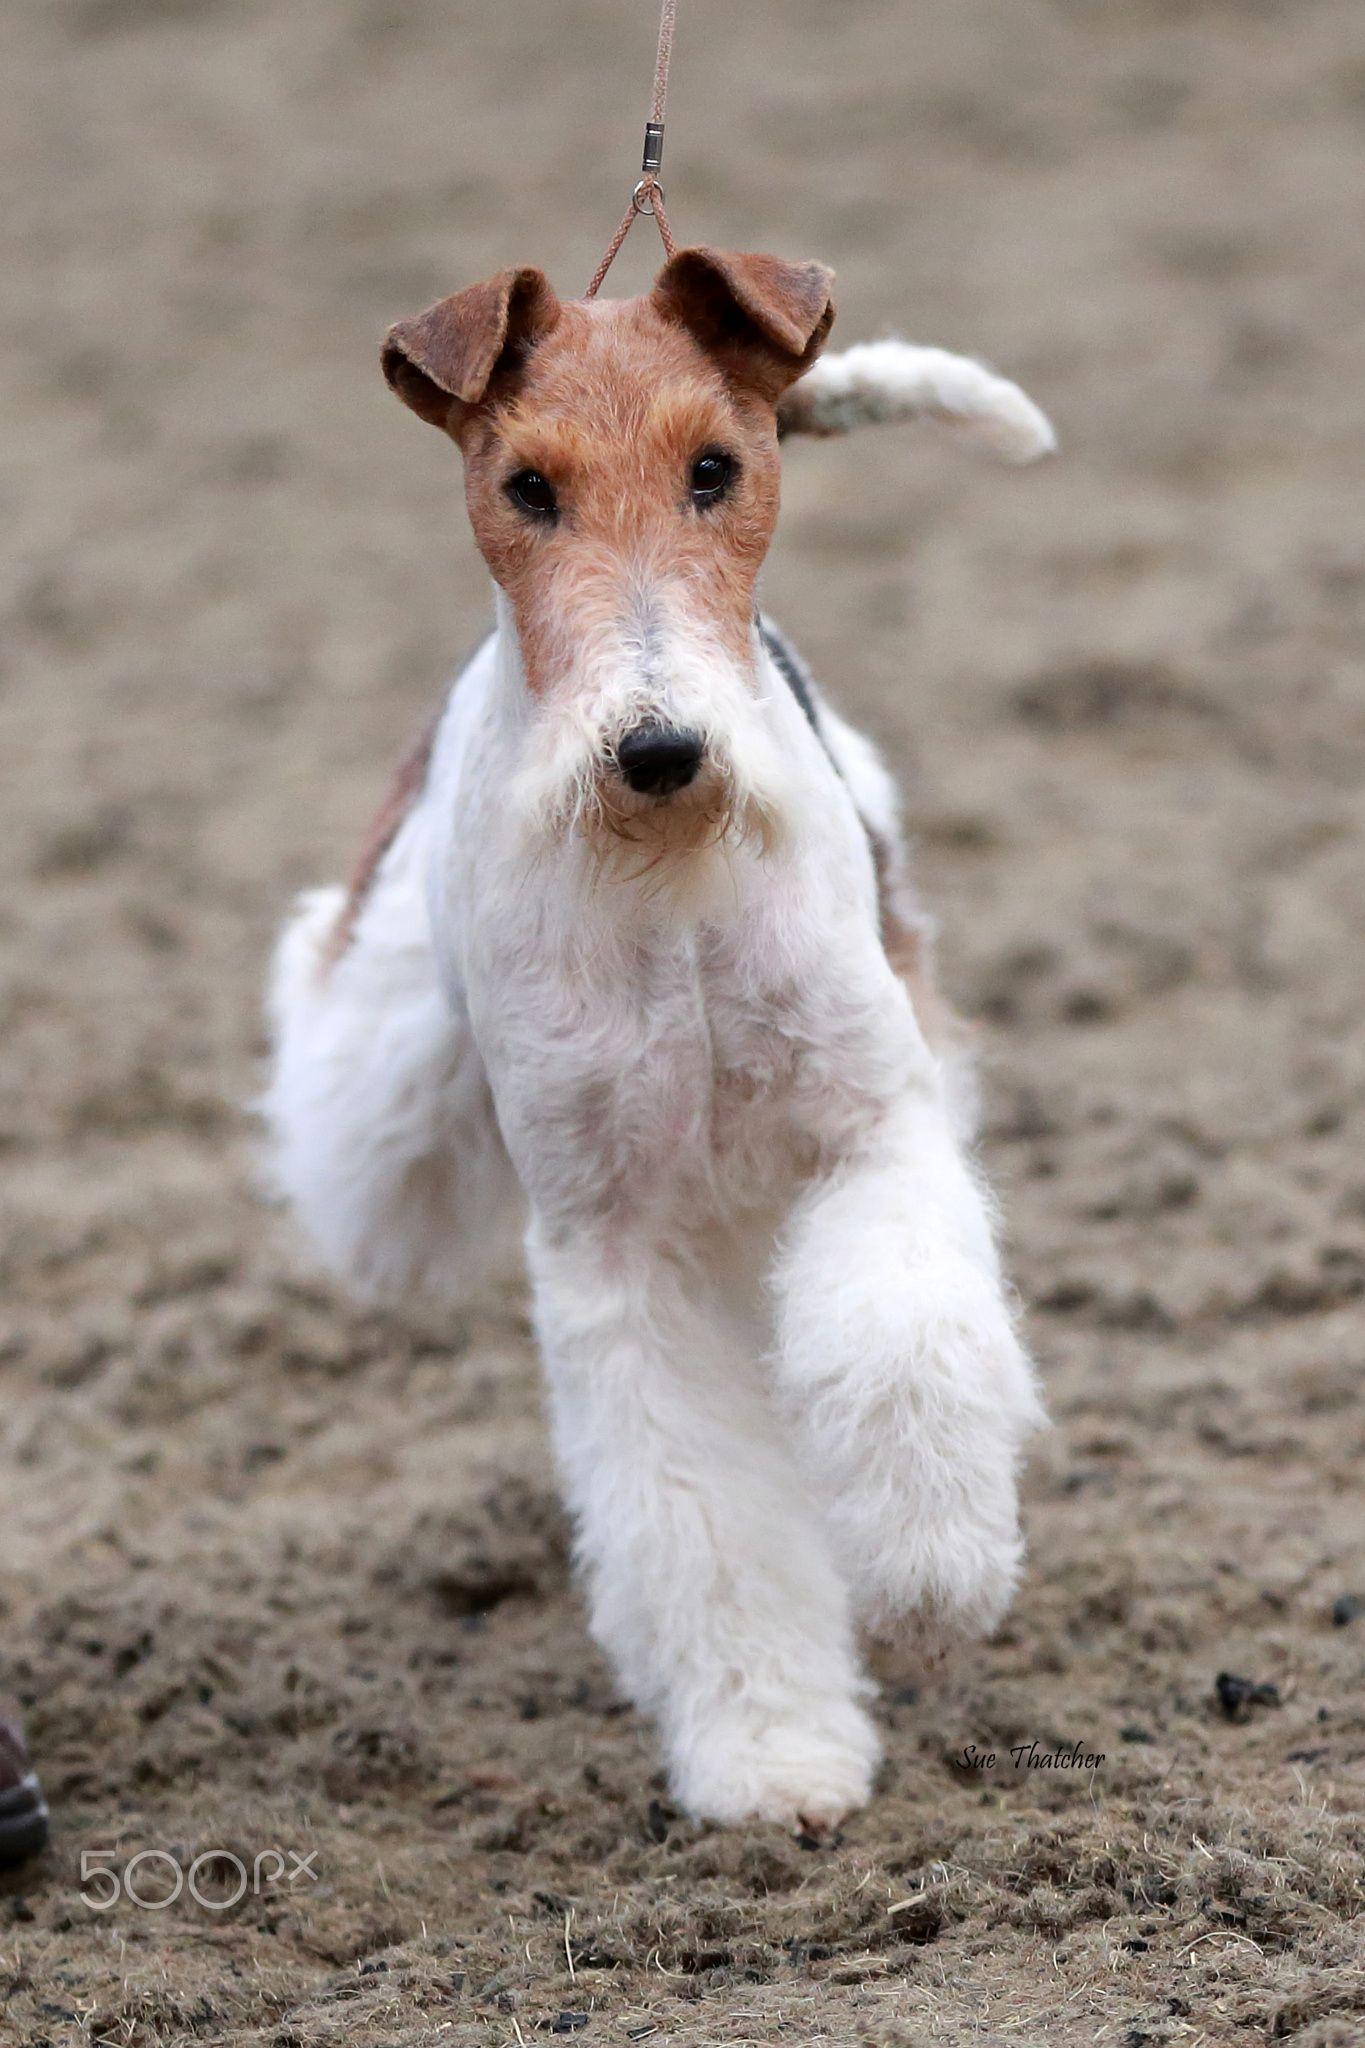 Wire Haired Fox Terrier - Wire haired Fox Terrier   Х Fox Terrier ...